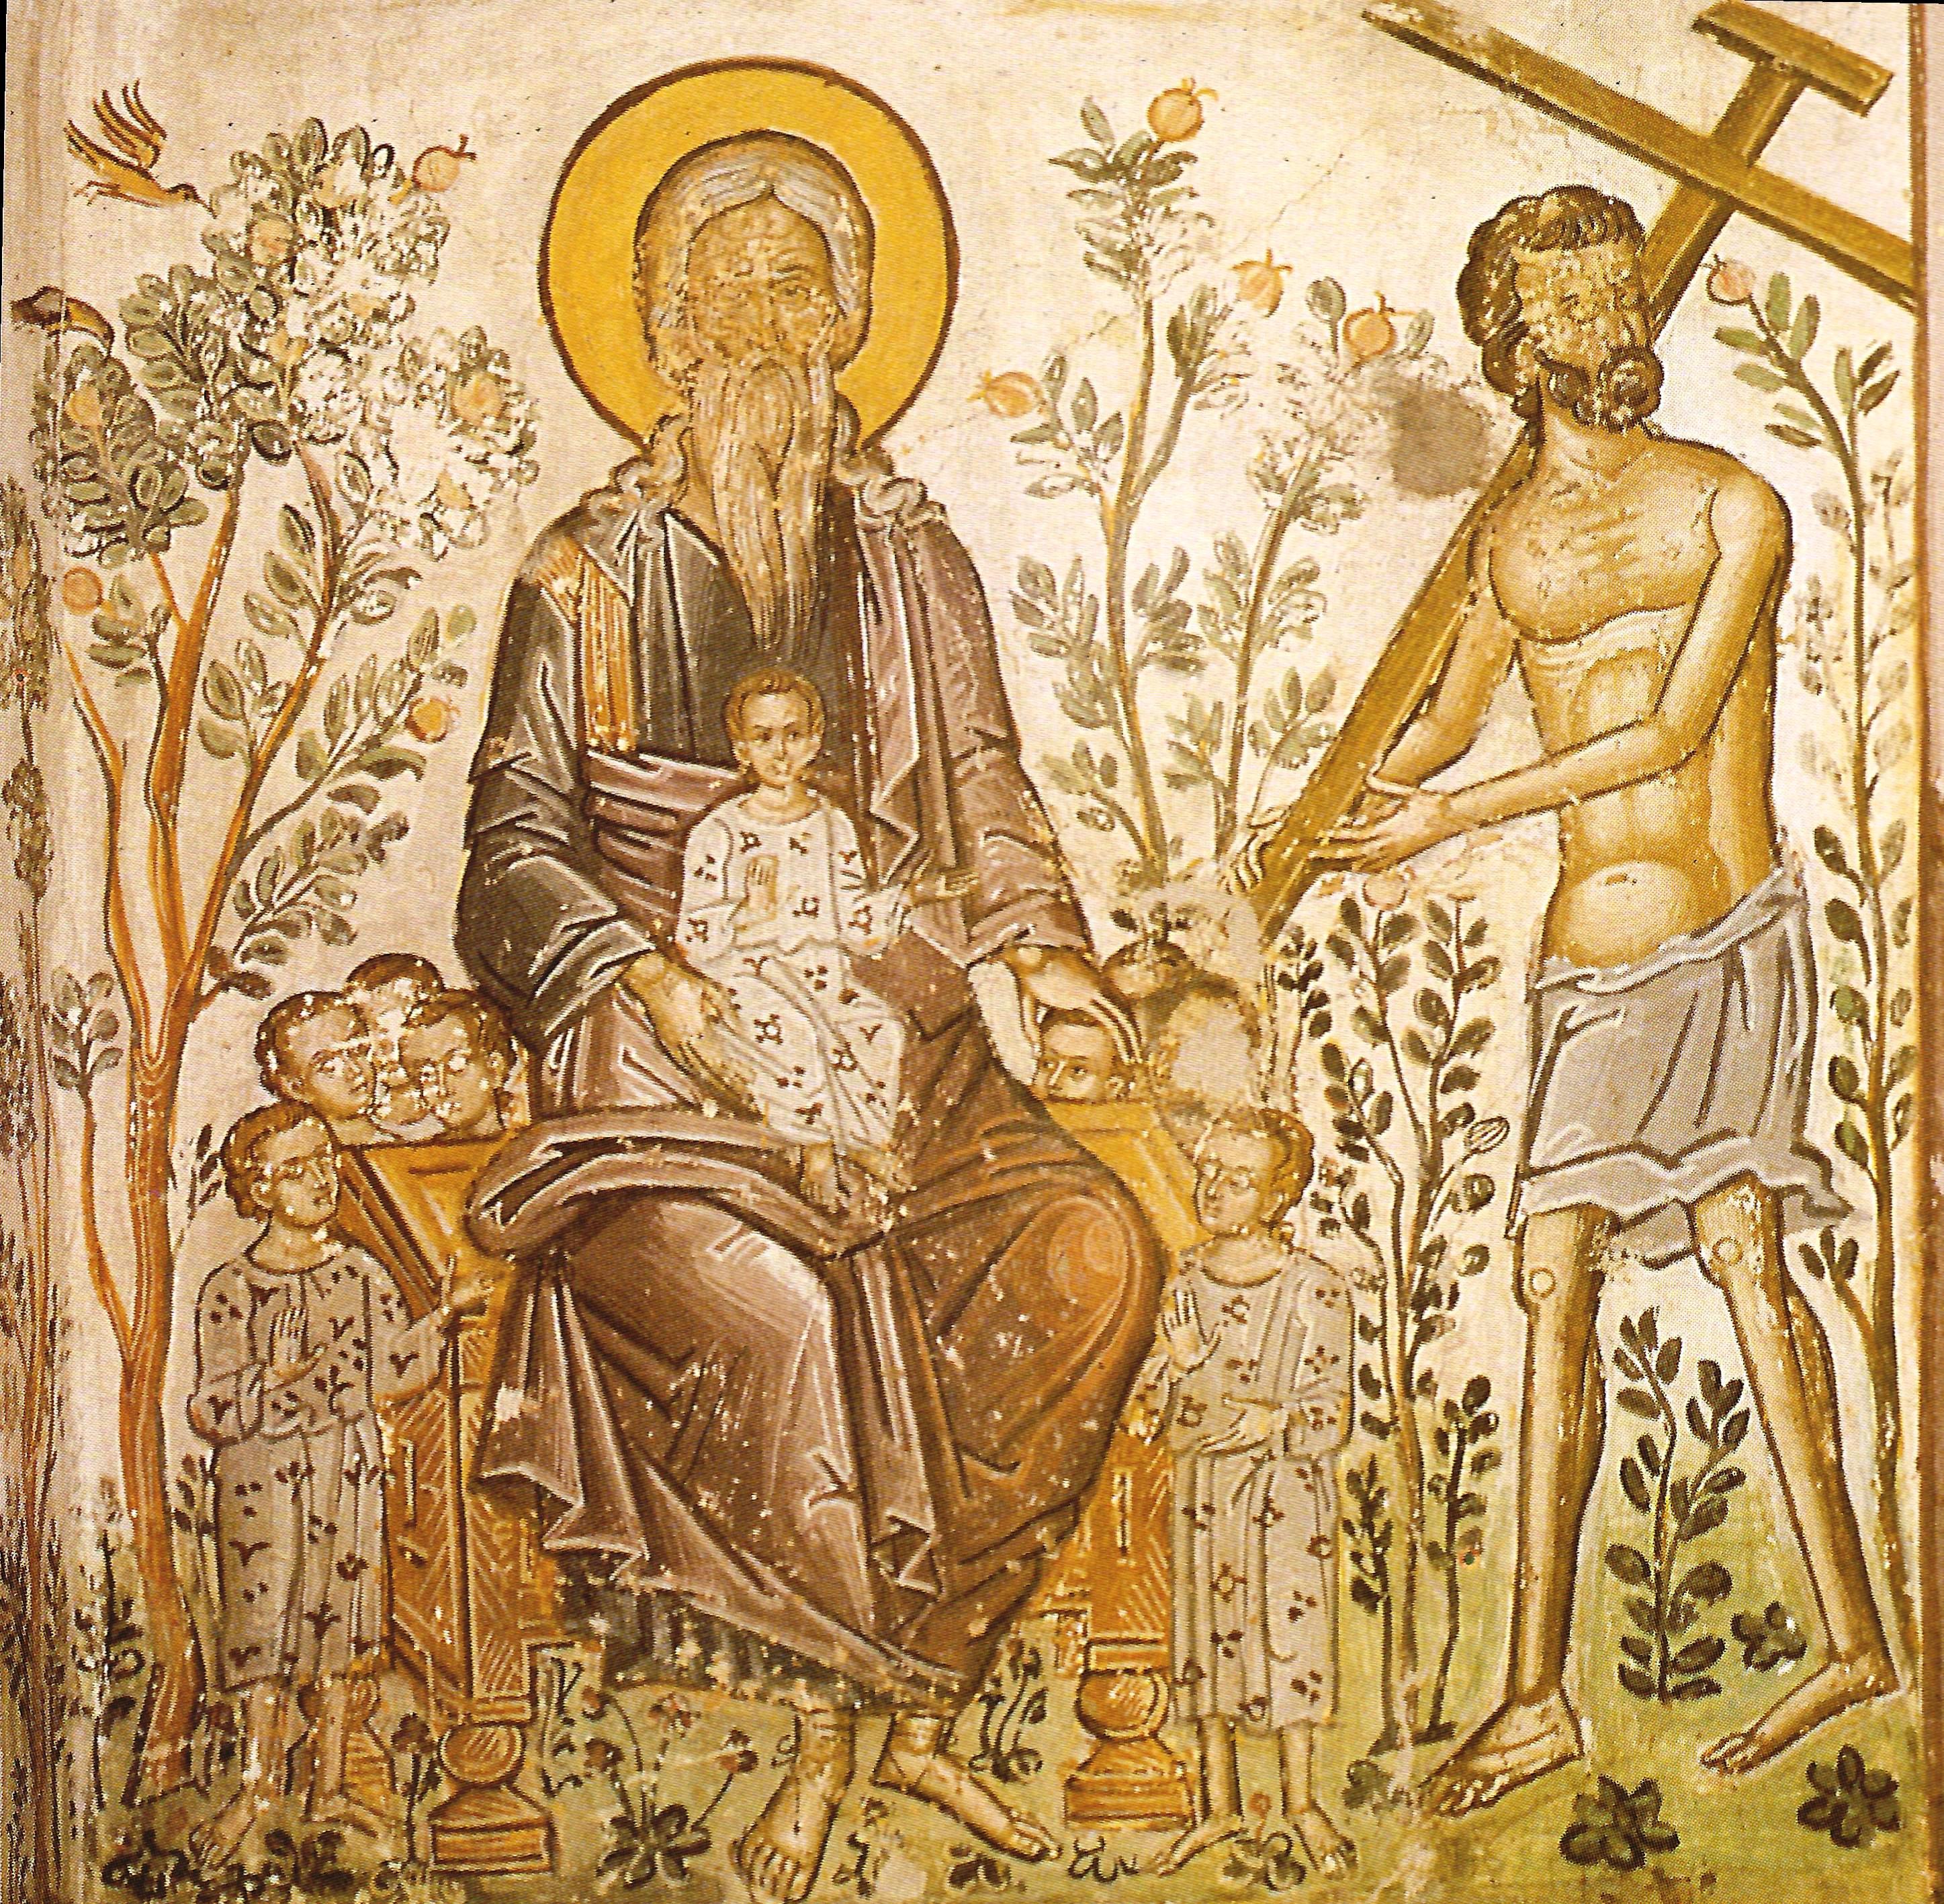 Ο ληστής στον παράδεισο. Τοιχογραφία καθολικού Ιεράς Μονής Ρουσάνου Μετεώρων.